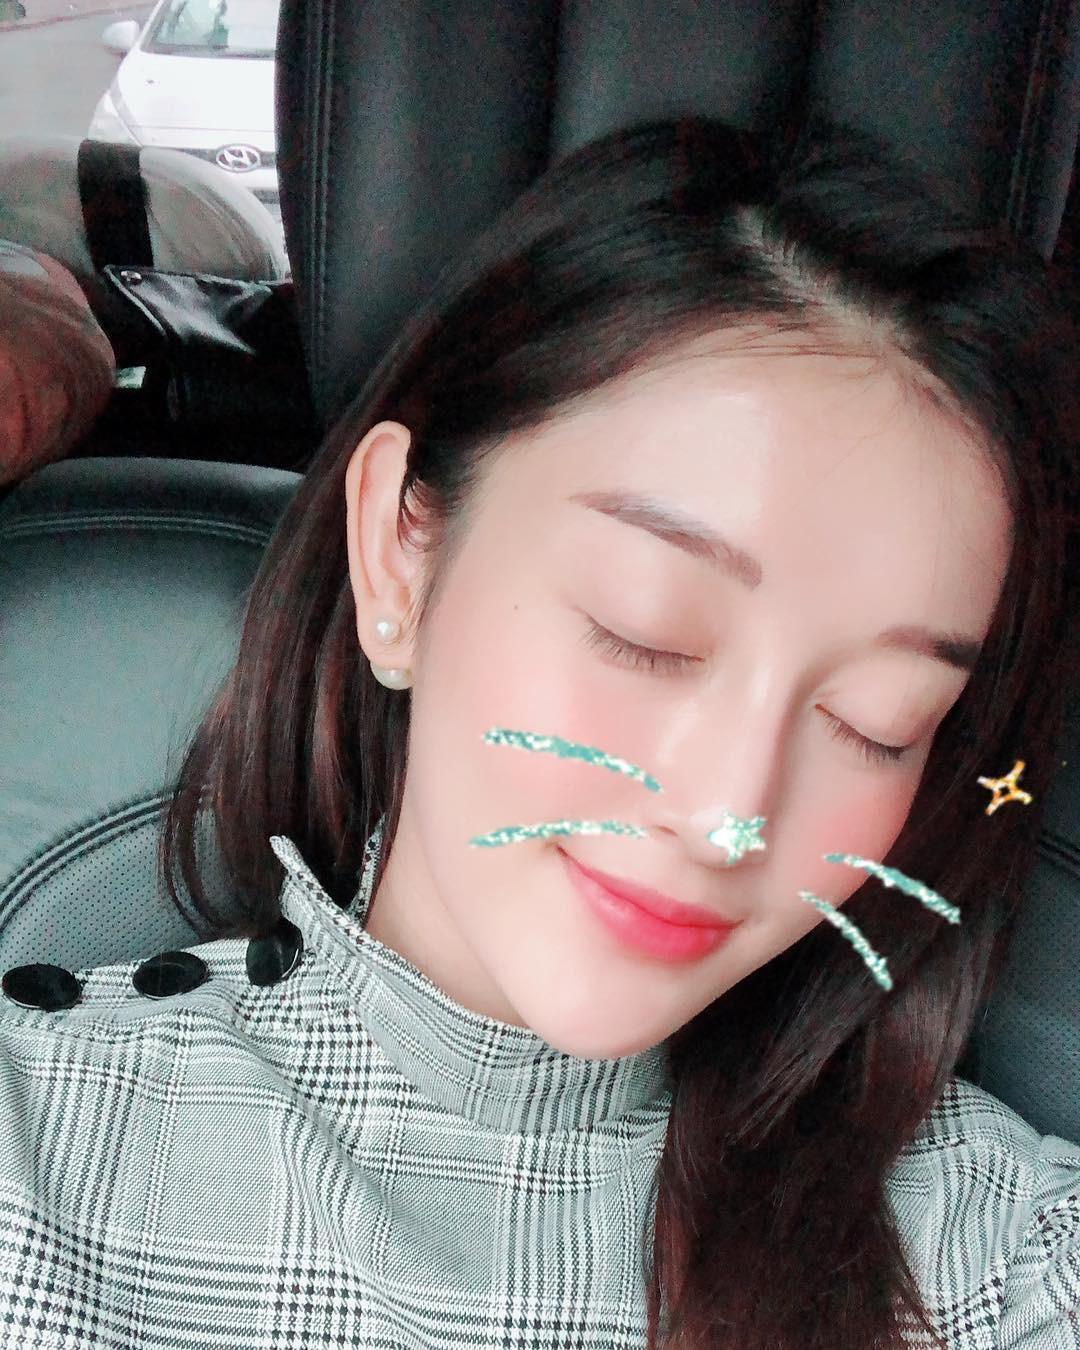 Tâm sự mỏng với fan, Huyền My hé lộ điểm tuyệt phẩm trên gương mặt nhưng bị làm hại do makeup quá nhiều - Ảnh 2.